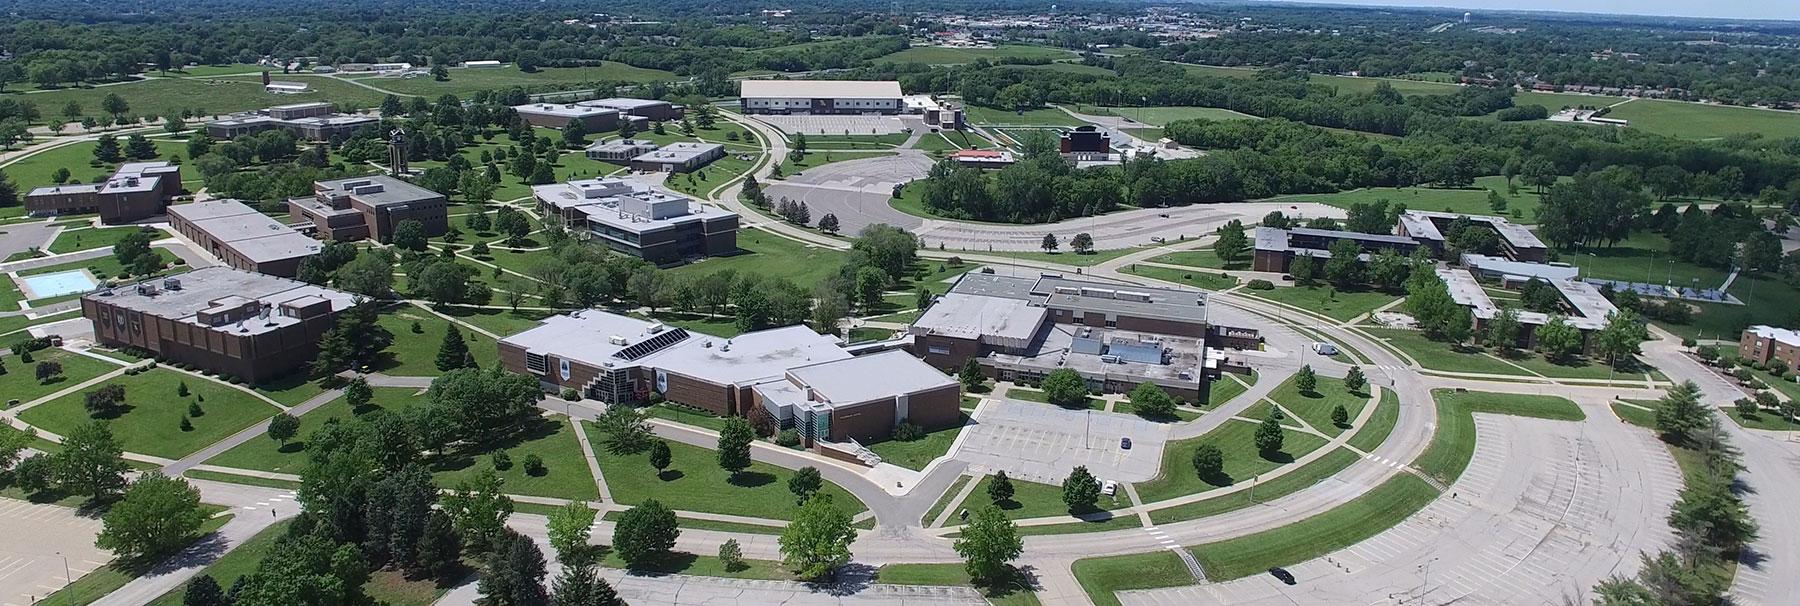 Missouri Western Campus